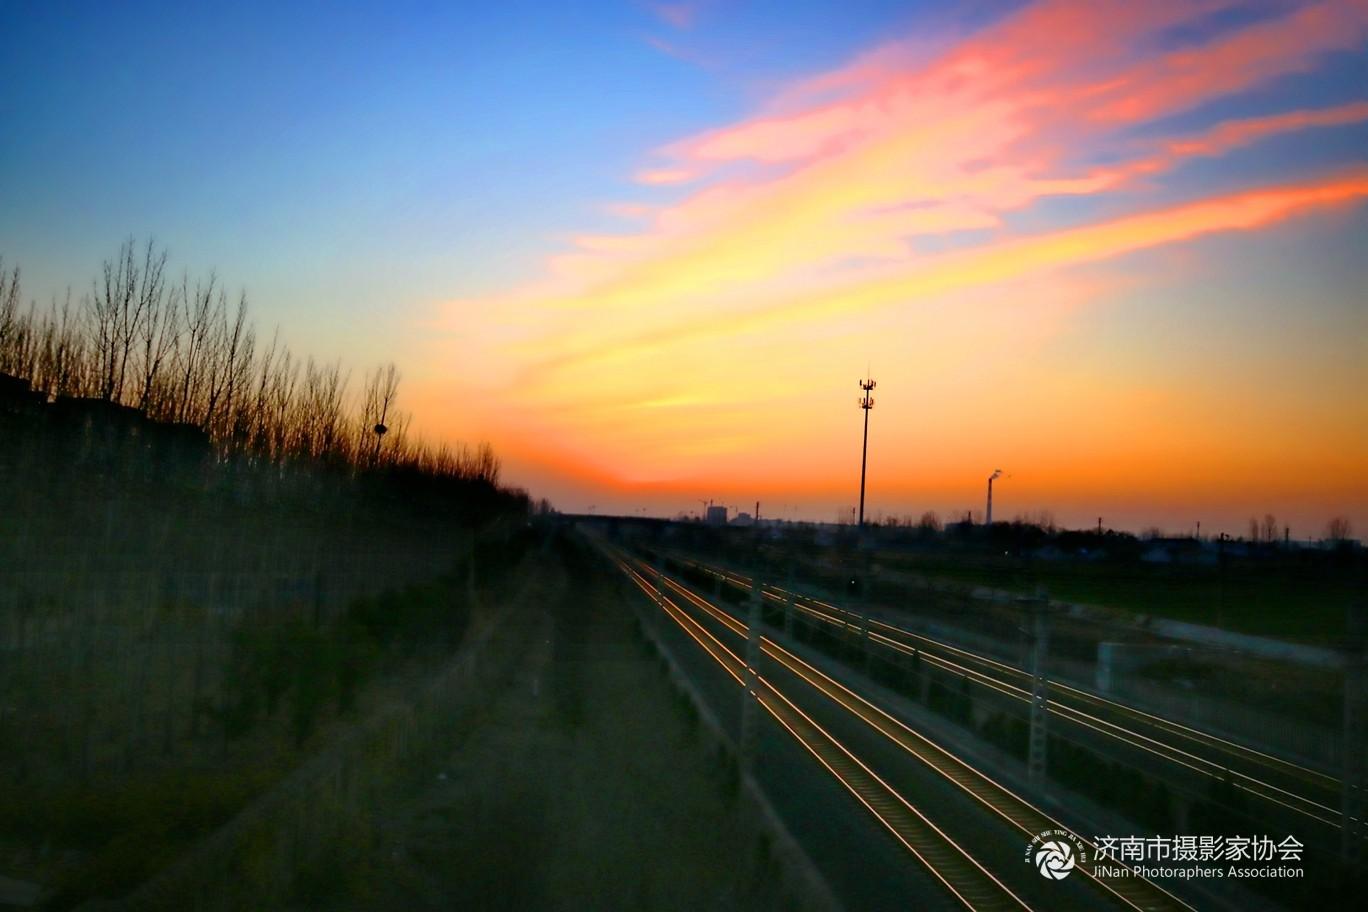 背景 壁纸 大桥 风景 桥 桥梁 天空 桌面 1368_912